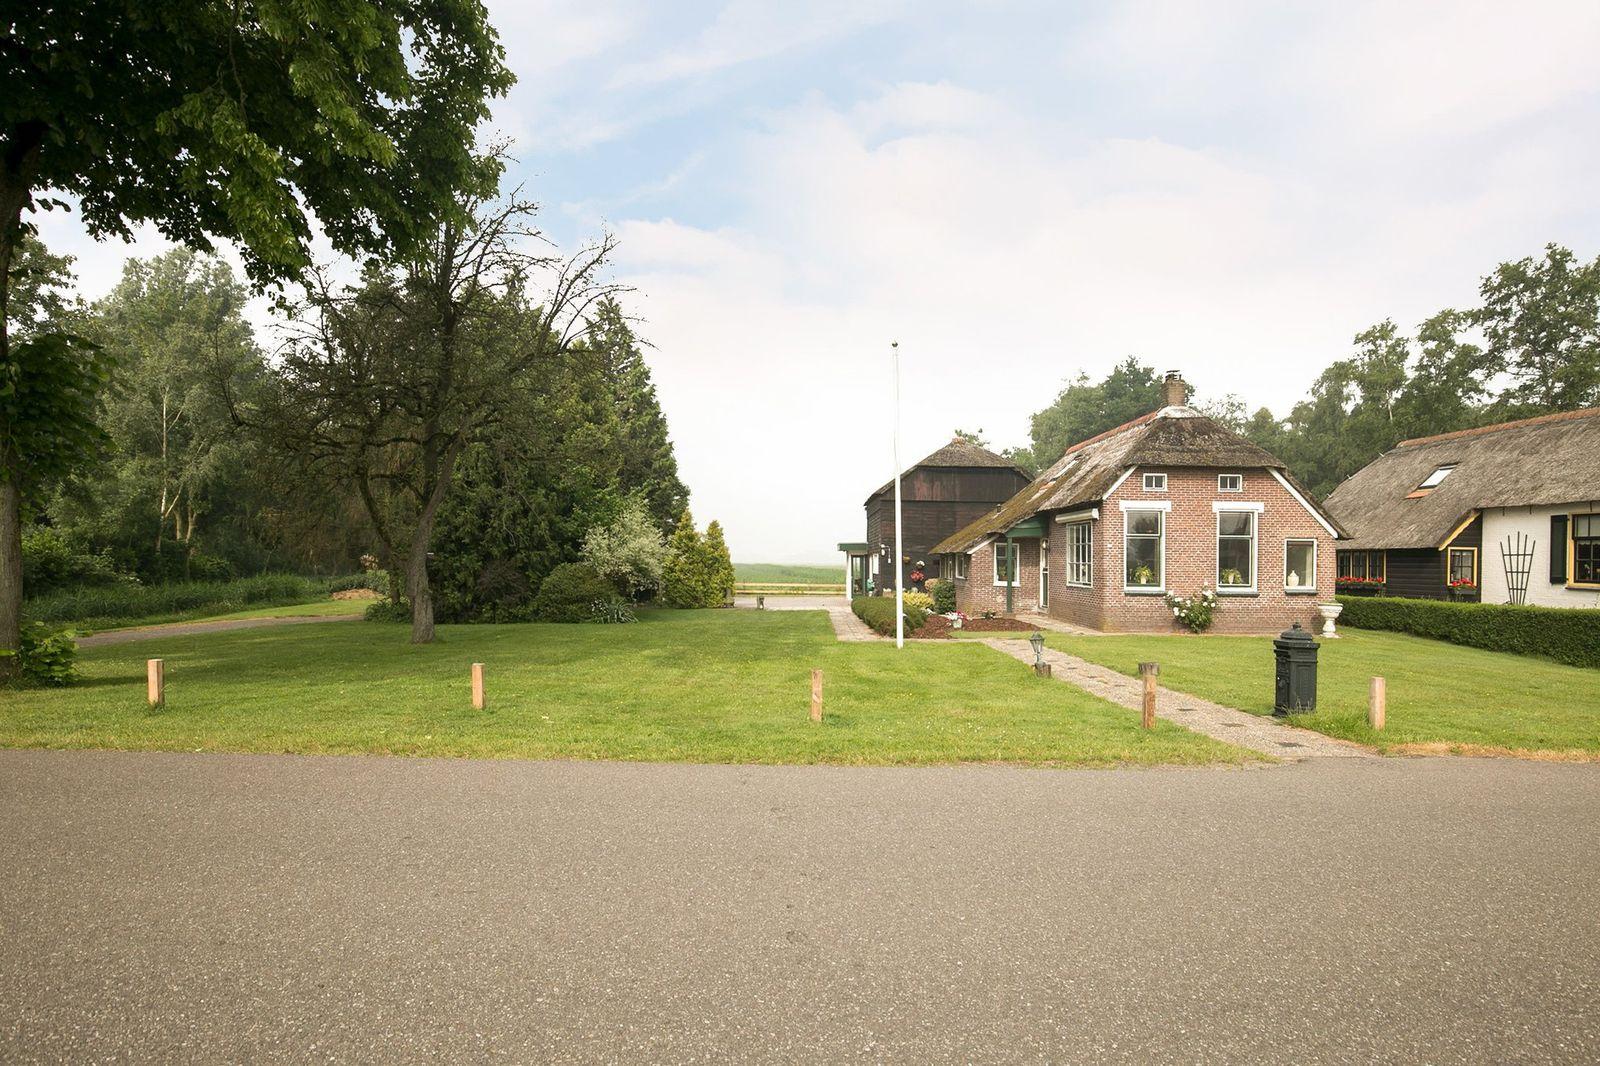 Kanaaldijk 21, Giethoorn